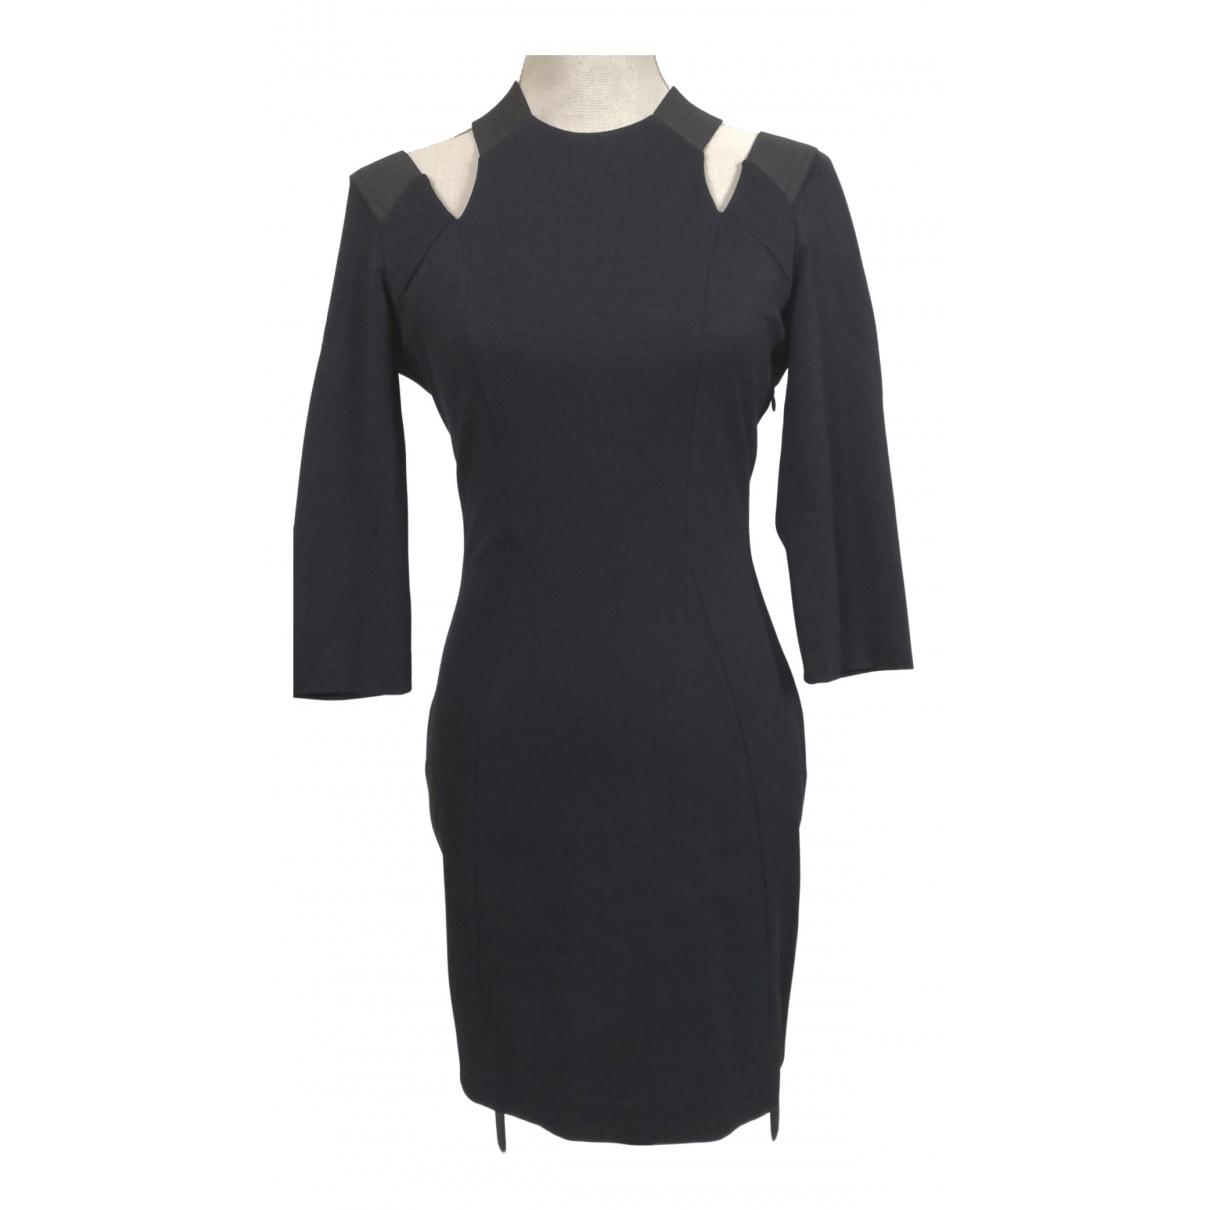 Imperial \N Kleid in  Schwarz Baumwolle - Elasthan